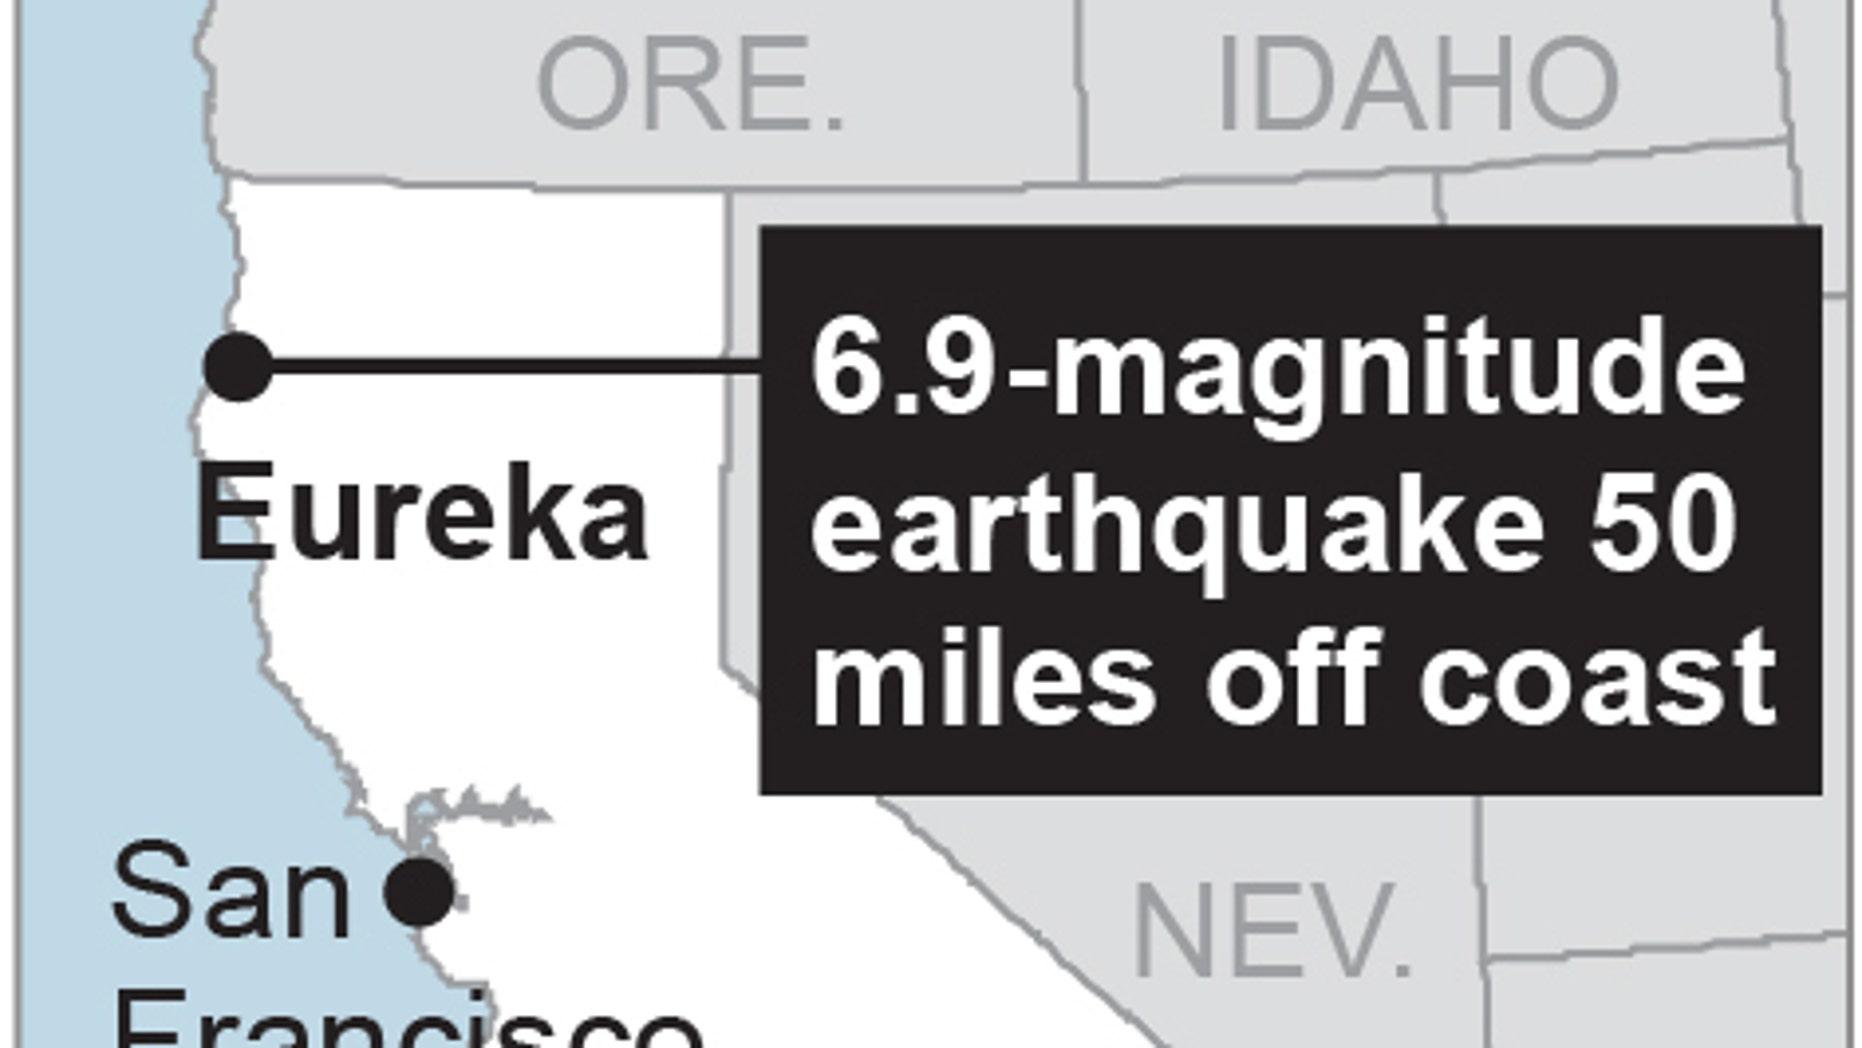 Map locates Eureka, Calif.; 1c x 2 inches; 46.5 mm x 50 mm;